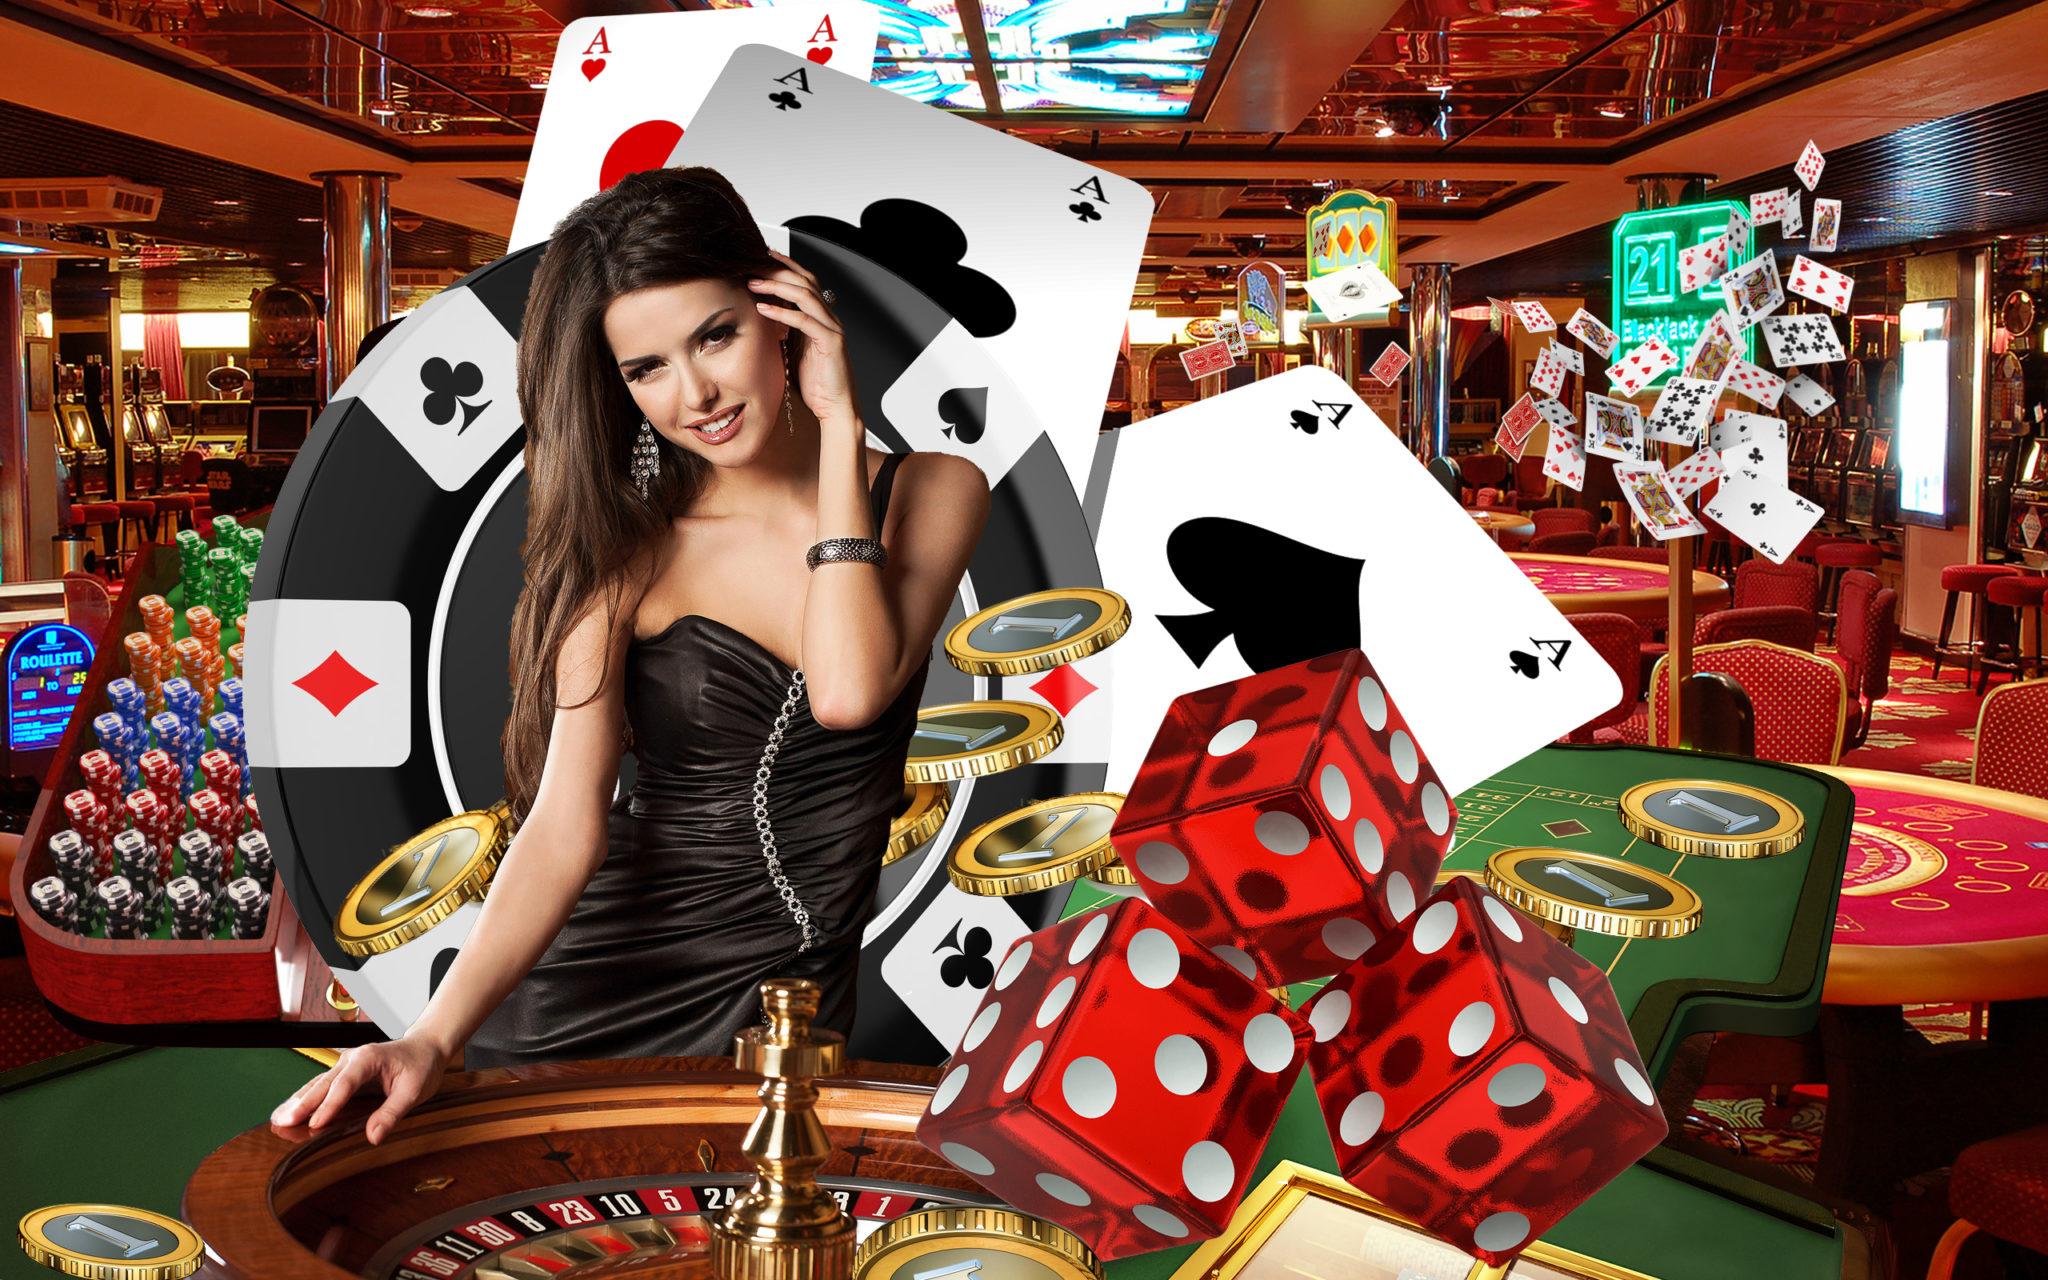 официальный сайт казино карты игровой автомат